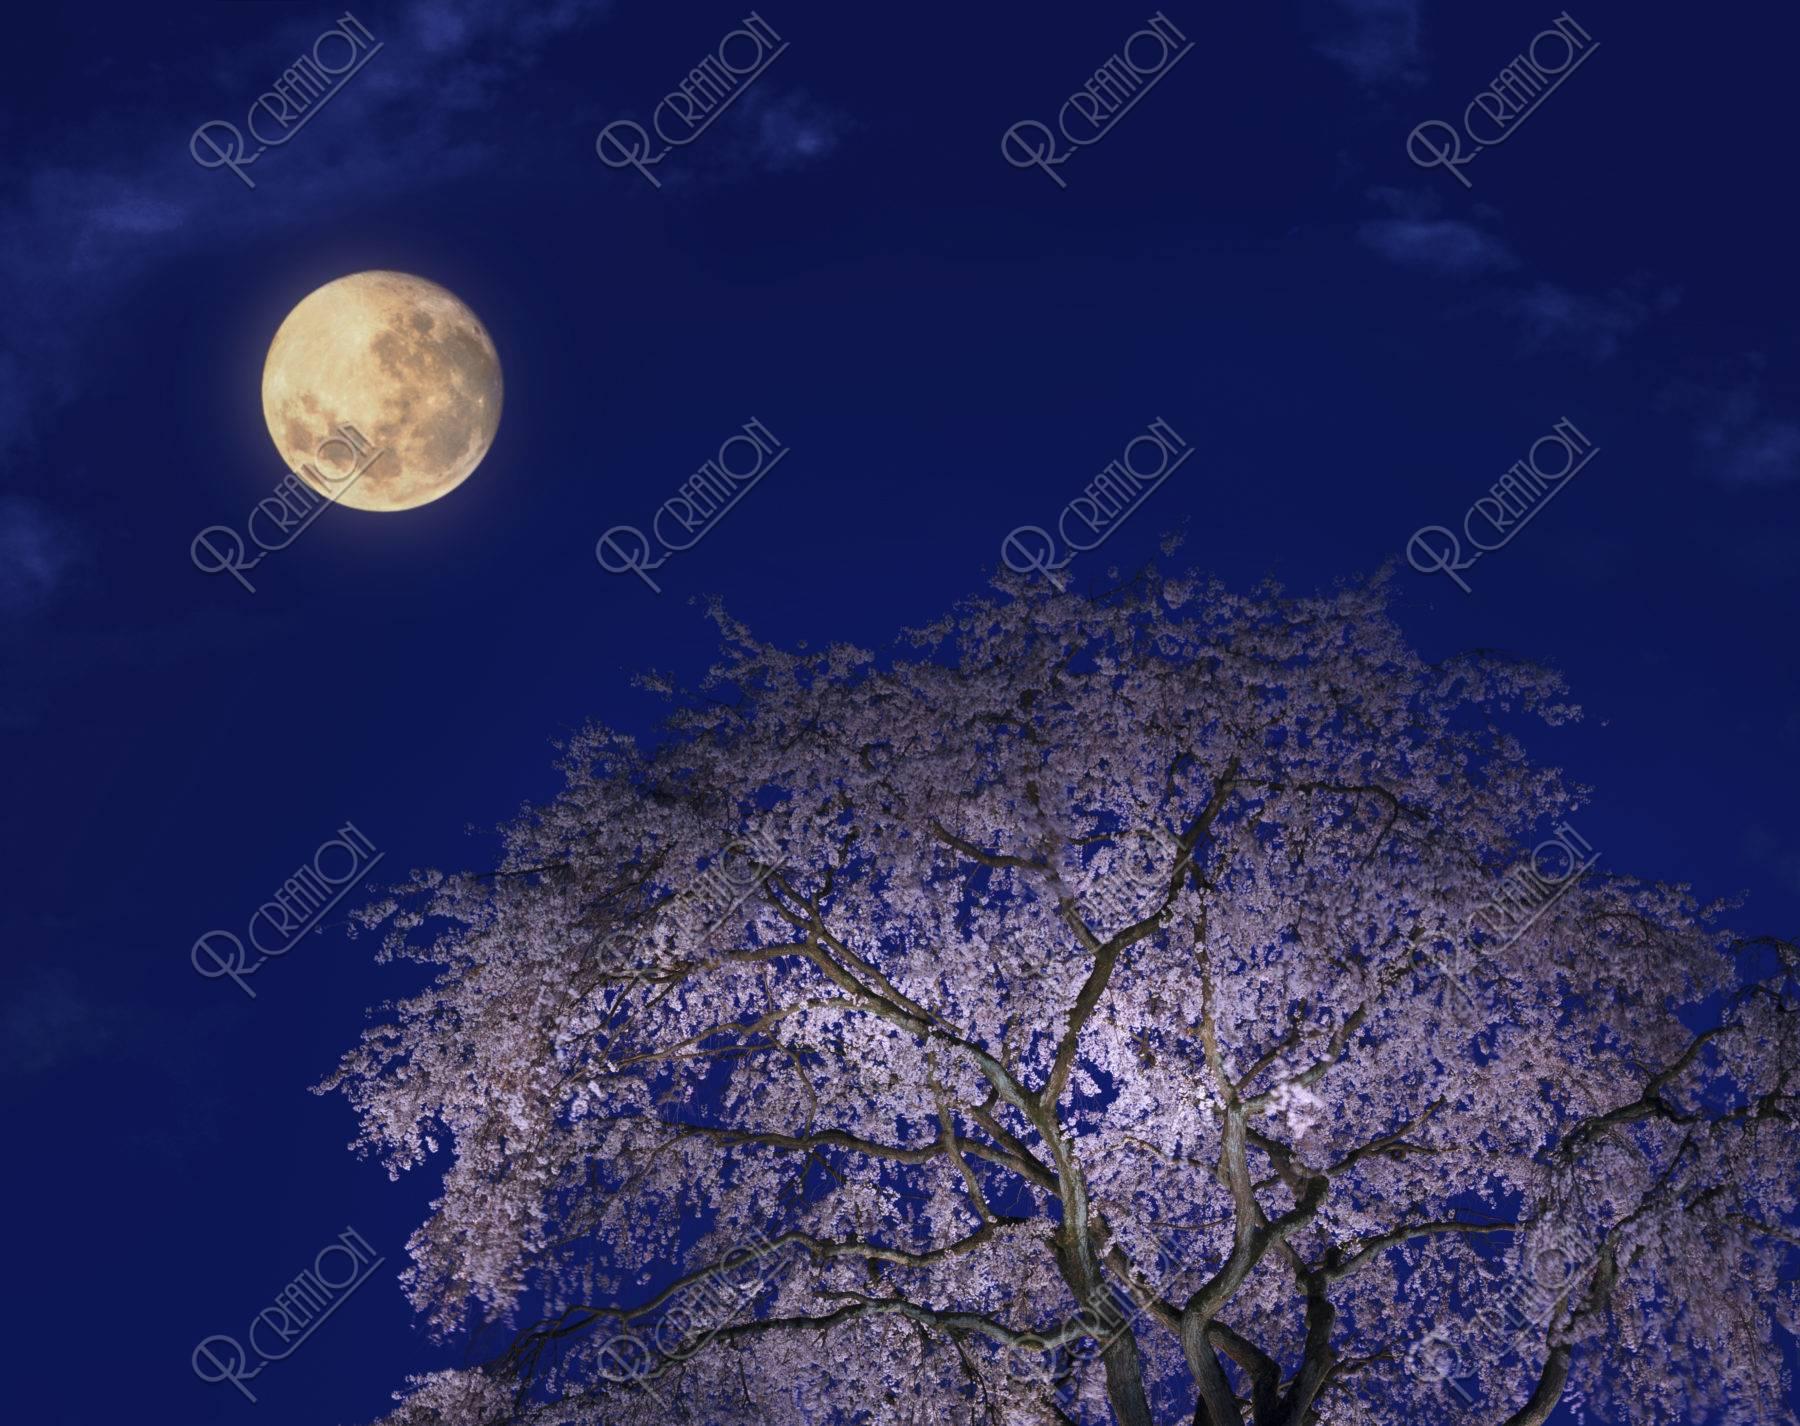 夜桜 円山公園 桜 春 月 合成